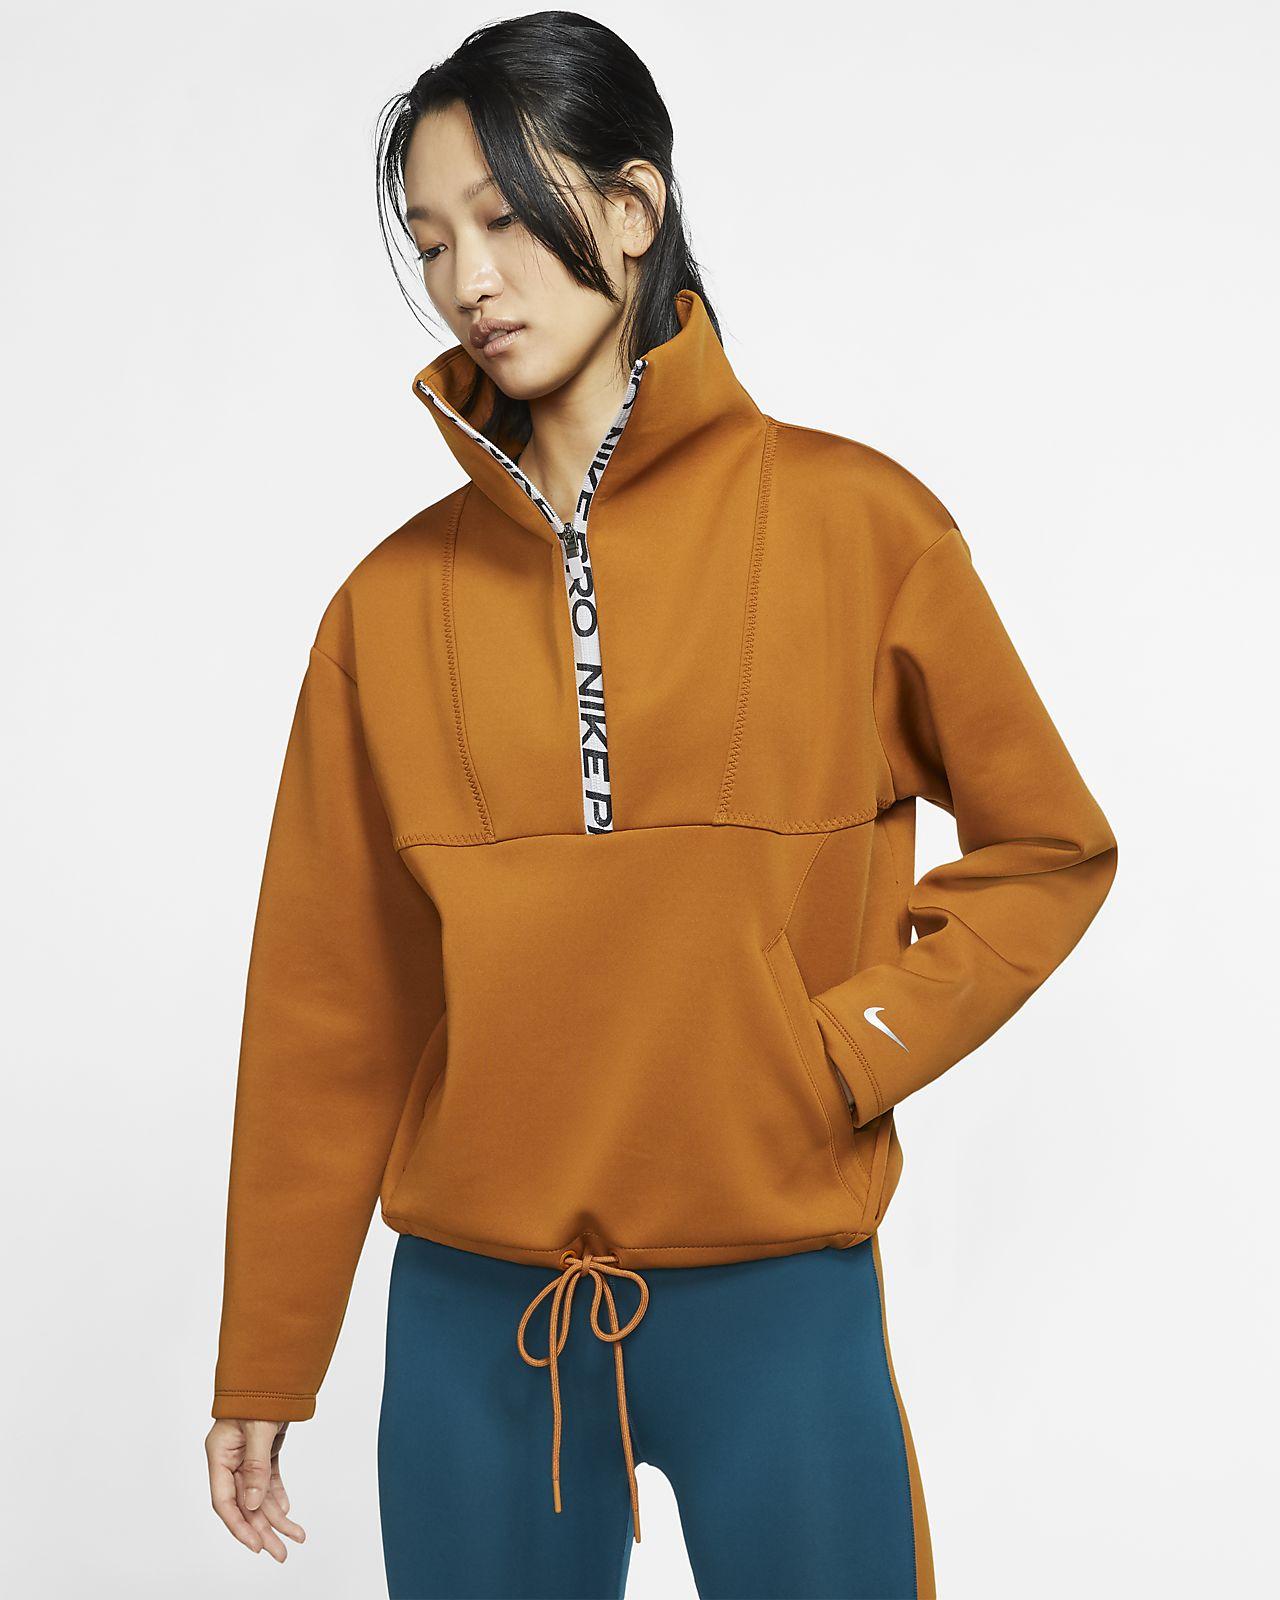 Γυναικεία φλις μπλούζα σε κοντό μήκος Nike Pro